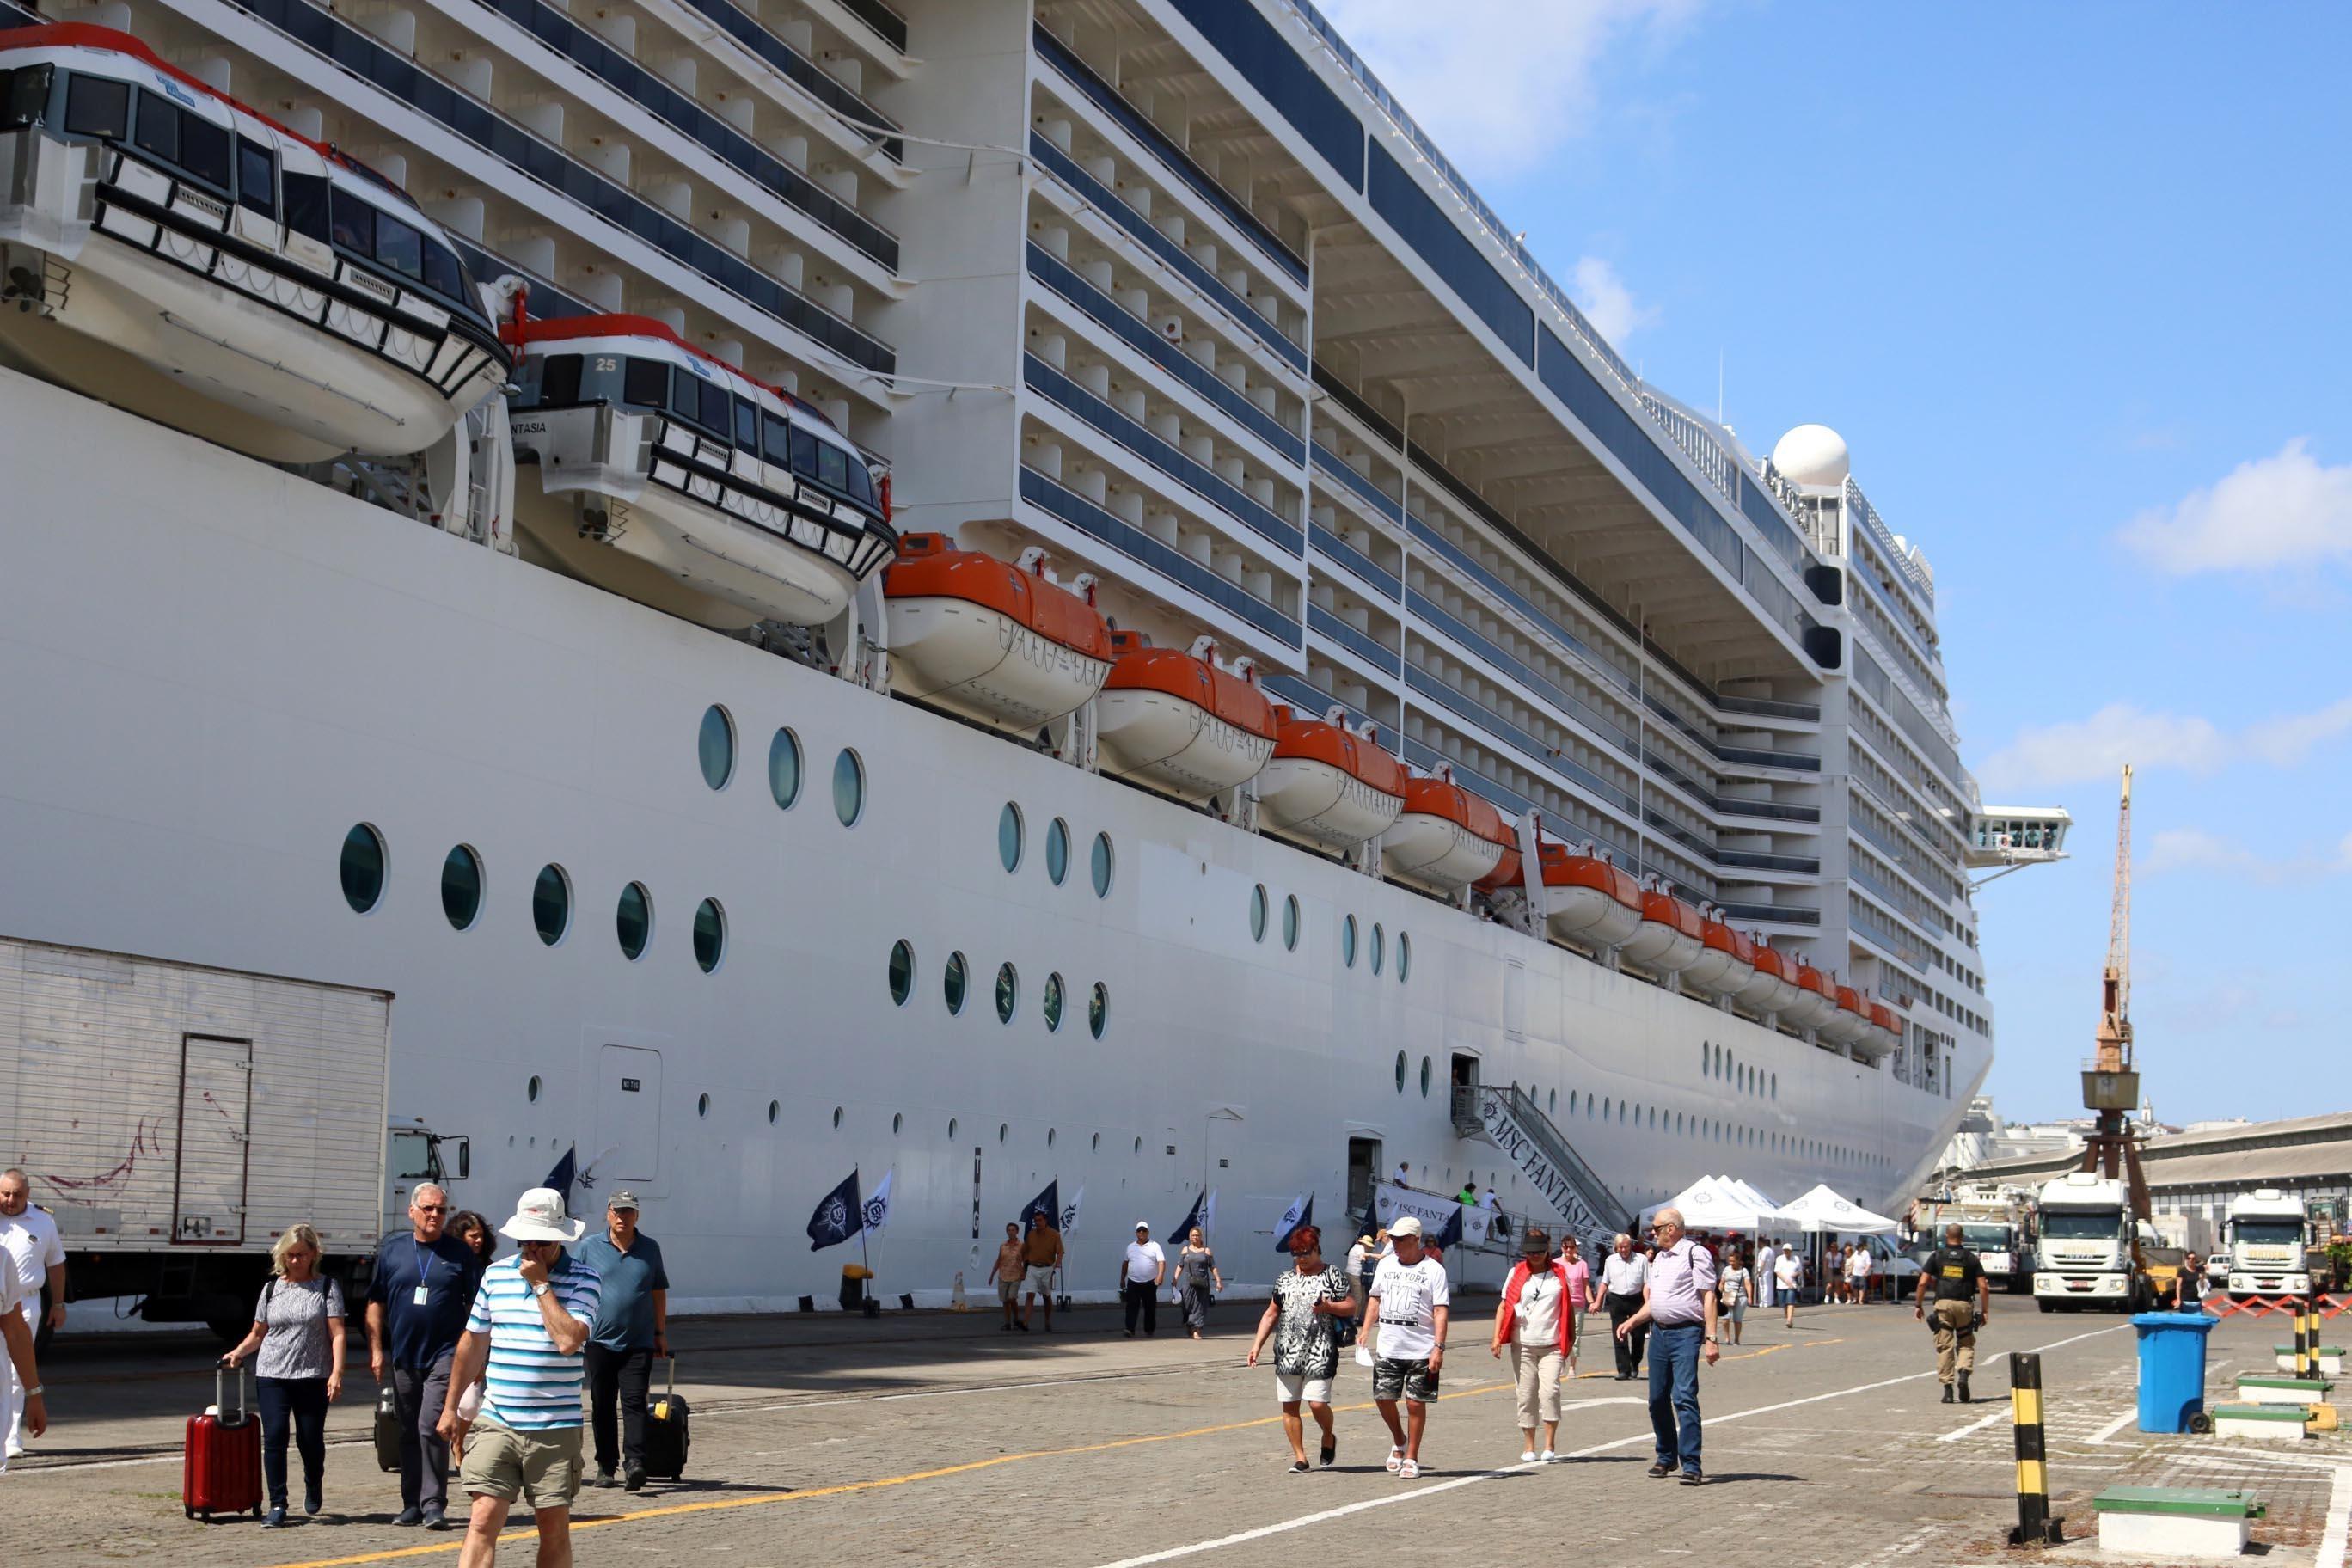 Temporada de cruzeiros em Salvador começa nesta quinta-feira; mais de 60 navios turísticos são esperados até abril de 2020 - Notícias - Plantão Diário